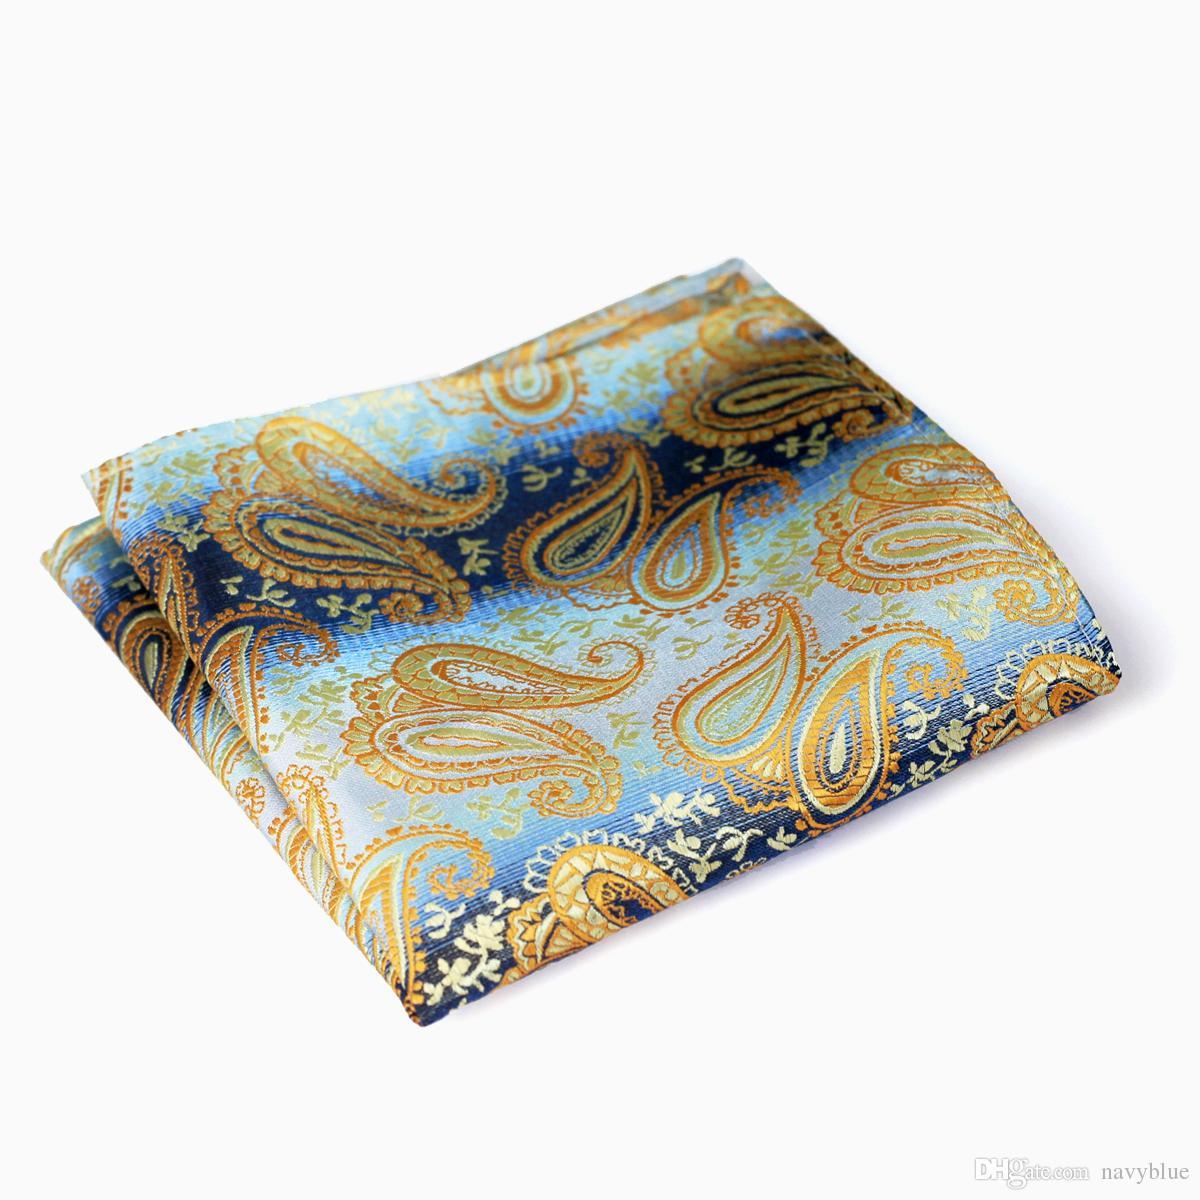 بيزلي الأزرق الداكن الذهب الأصفر البني أحمر أسود فضي رجل مناديل 100٪ الحرير الجاكار المنسوجة جيب مربع بالجملة شحن مجاني